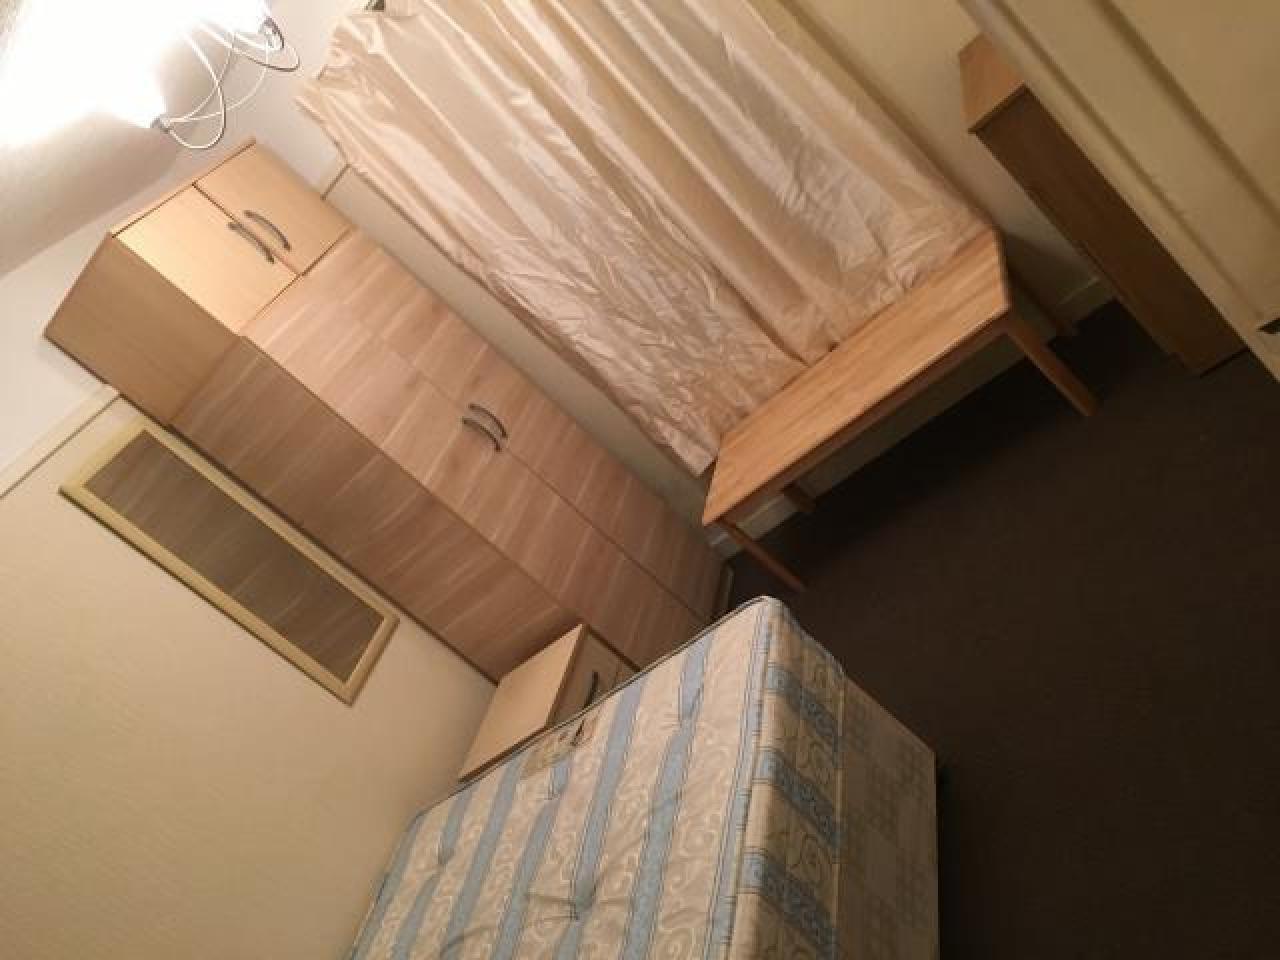 Сдаю большой дабл в уютном, тихом, чистом доме с мебелью - 1